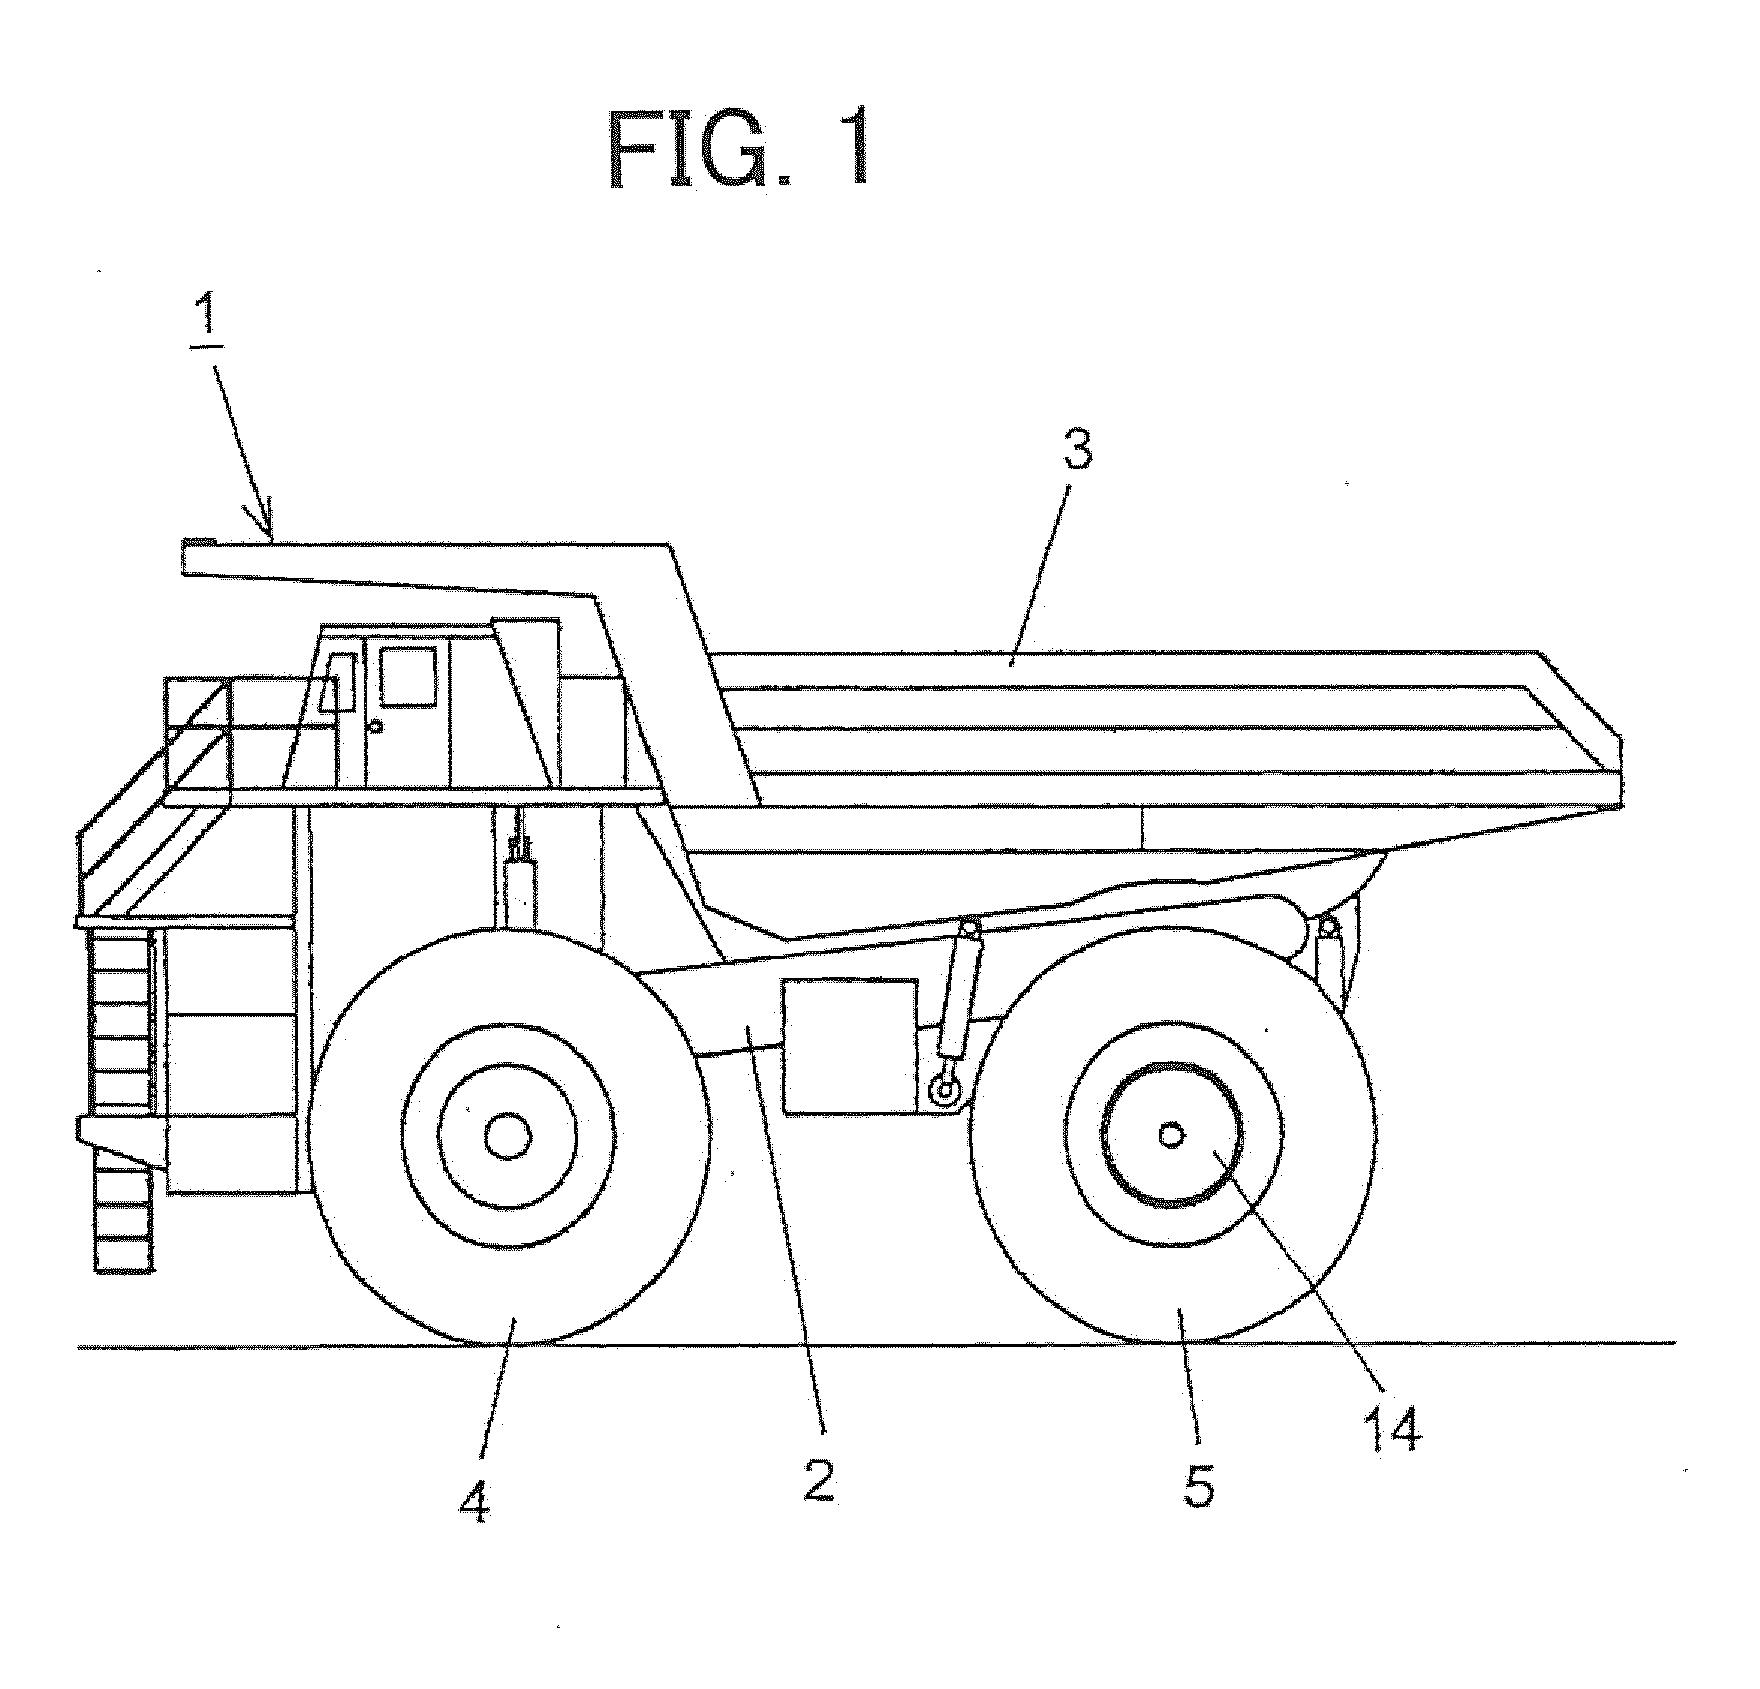 Dump Truck Parts Diagram : Truck dump diagram parts auto catalog and